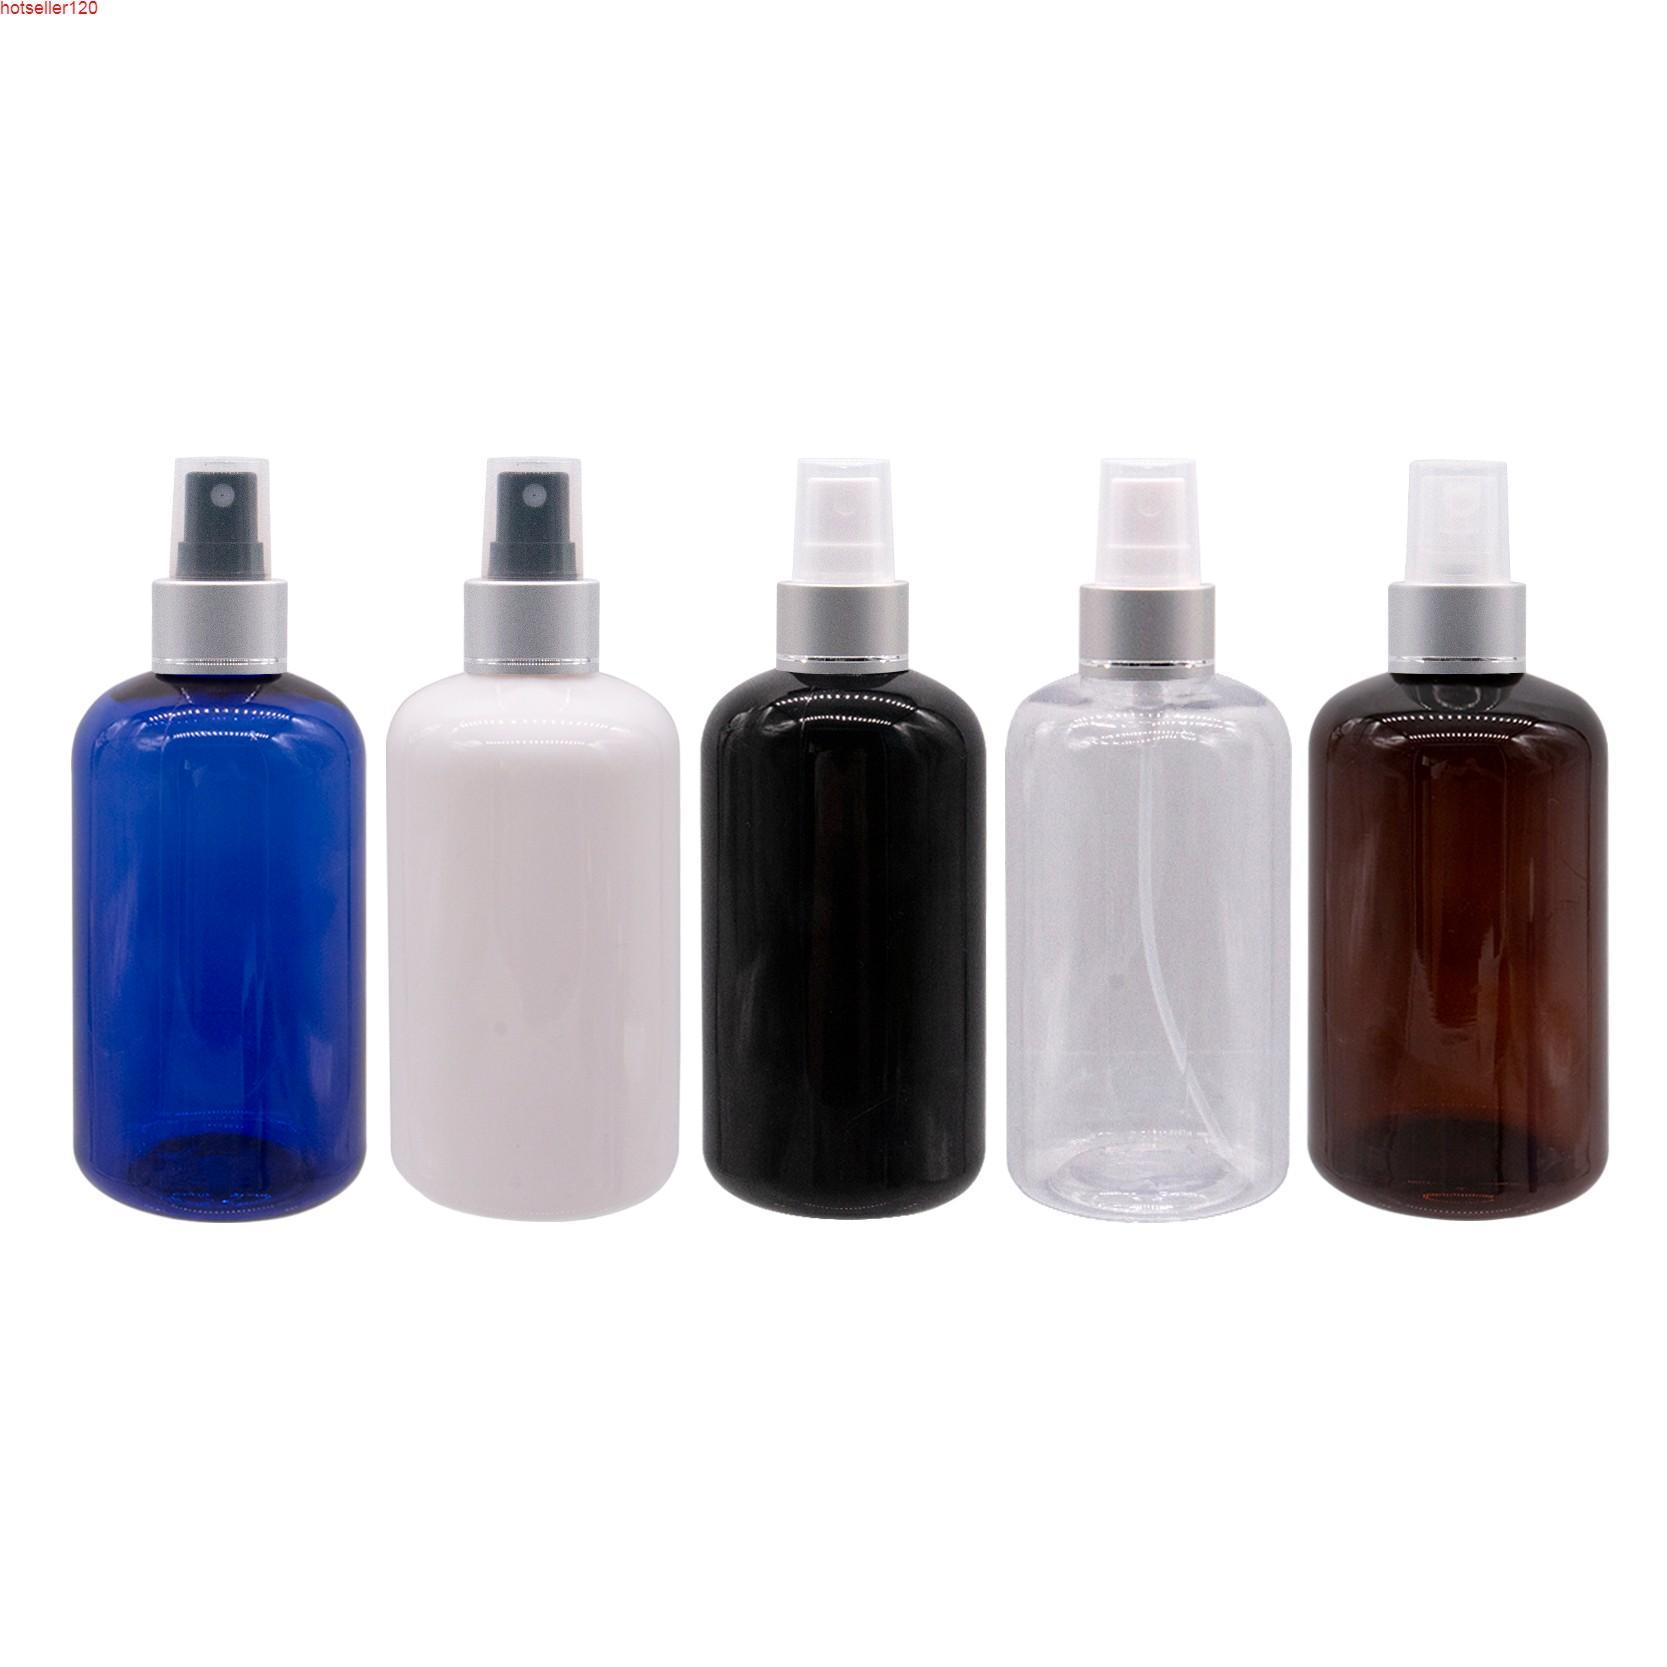 Gümüş Alüminyum Sprey Pompası ile Boş Plastik Parfüm Şişeleri 250 ml Kapasiteli 12 adet Pet Seyahat Şişe Spreyi KonteynerShigh Quatiy